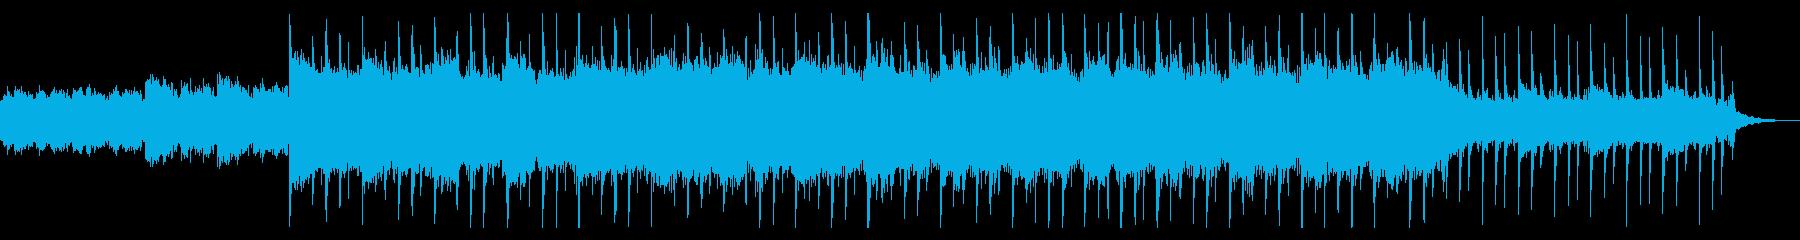 冷静でさらっとした旋律のニュース系BGMの再生済みの波形